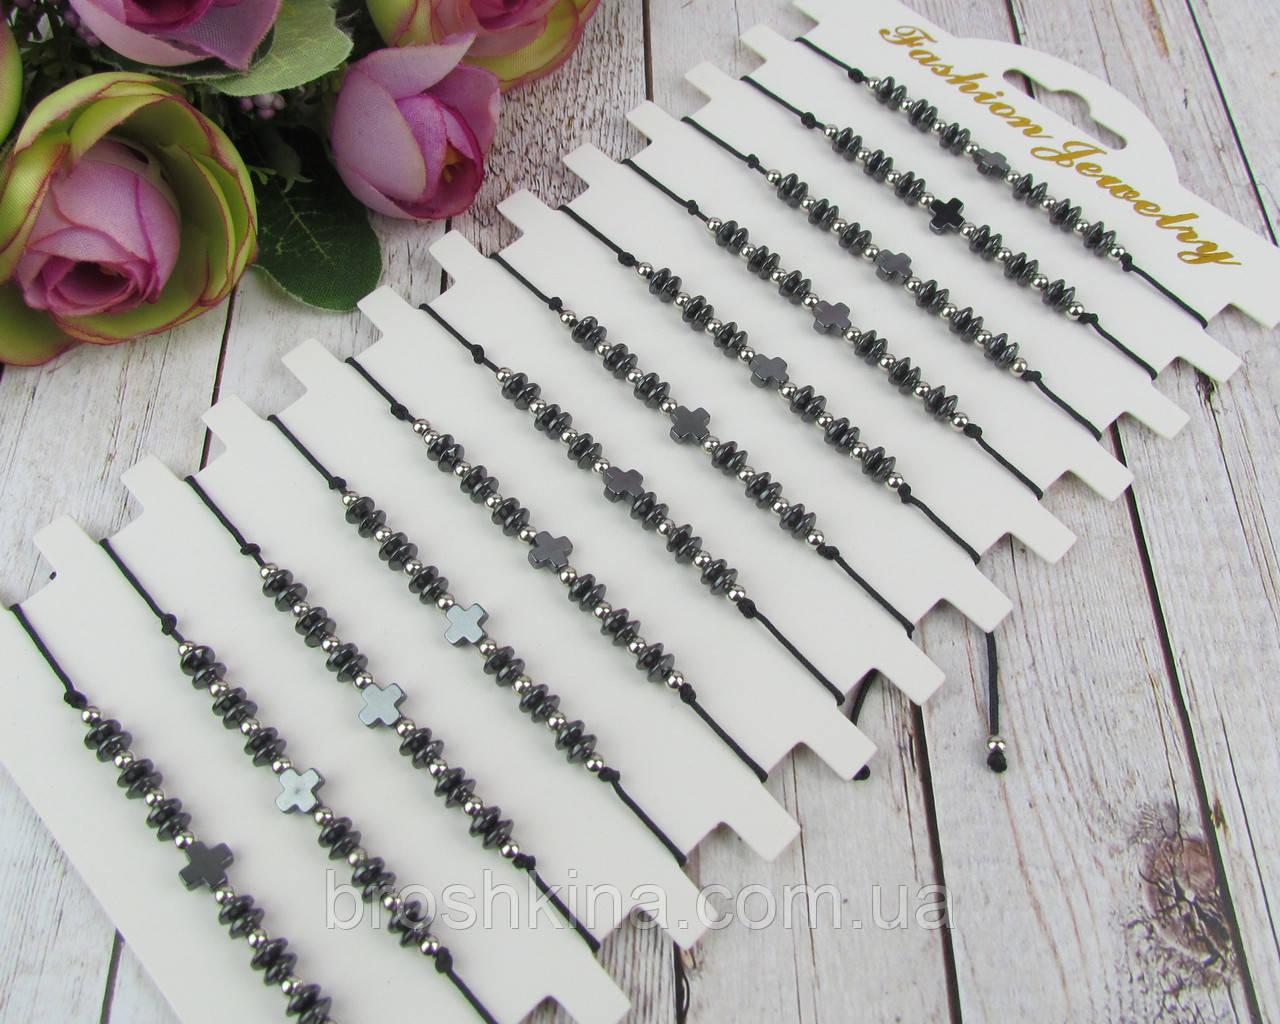 Тонкие регулируемые браслеты с гематитом унисекс 12 шт/уп.